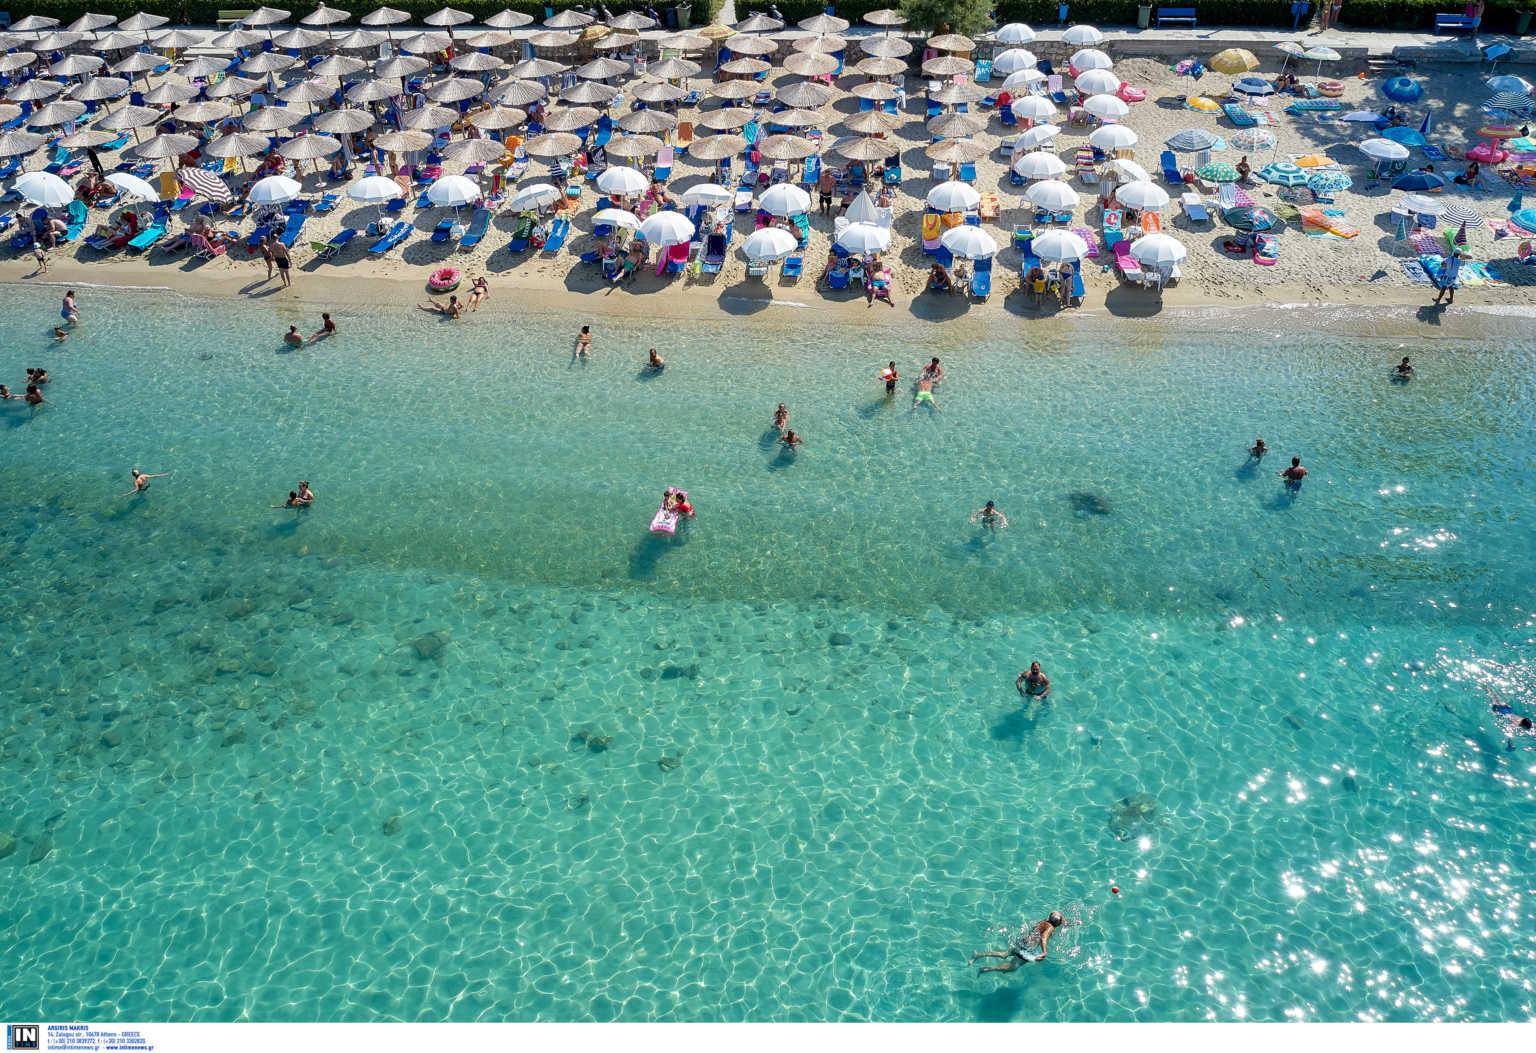 Κορωνοϊός: Πώς θα πάμε διακοπές με ασφάλεια – Όσα πρέπει να προσέχουμε